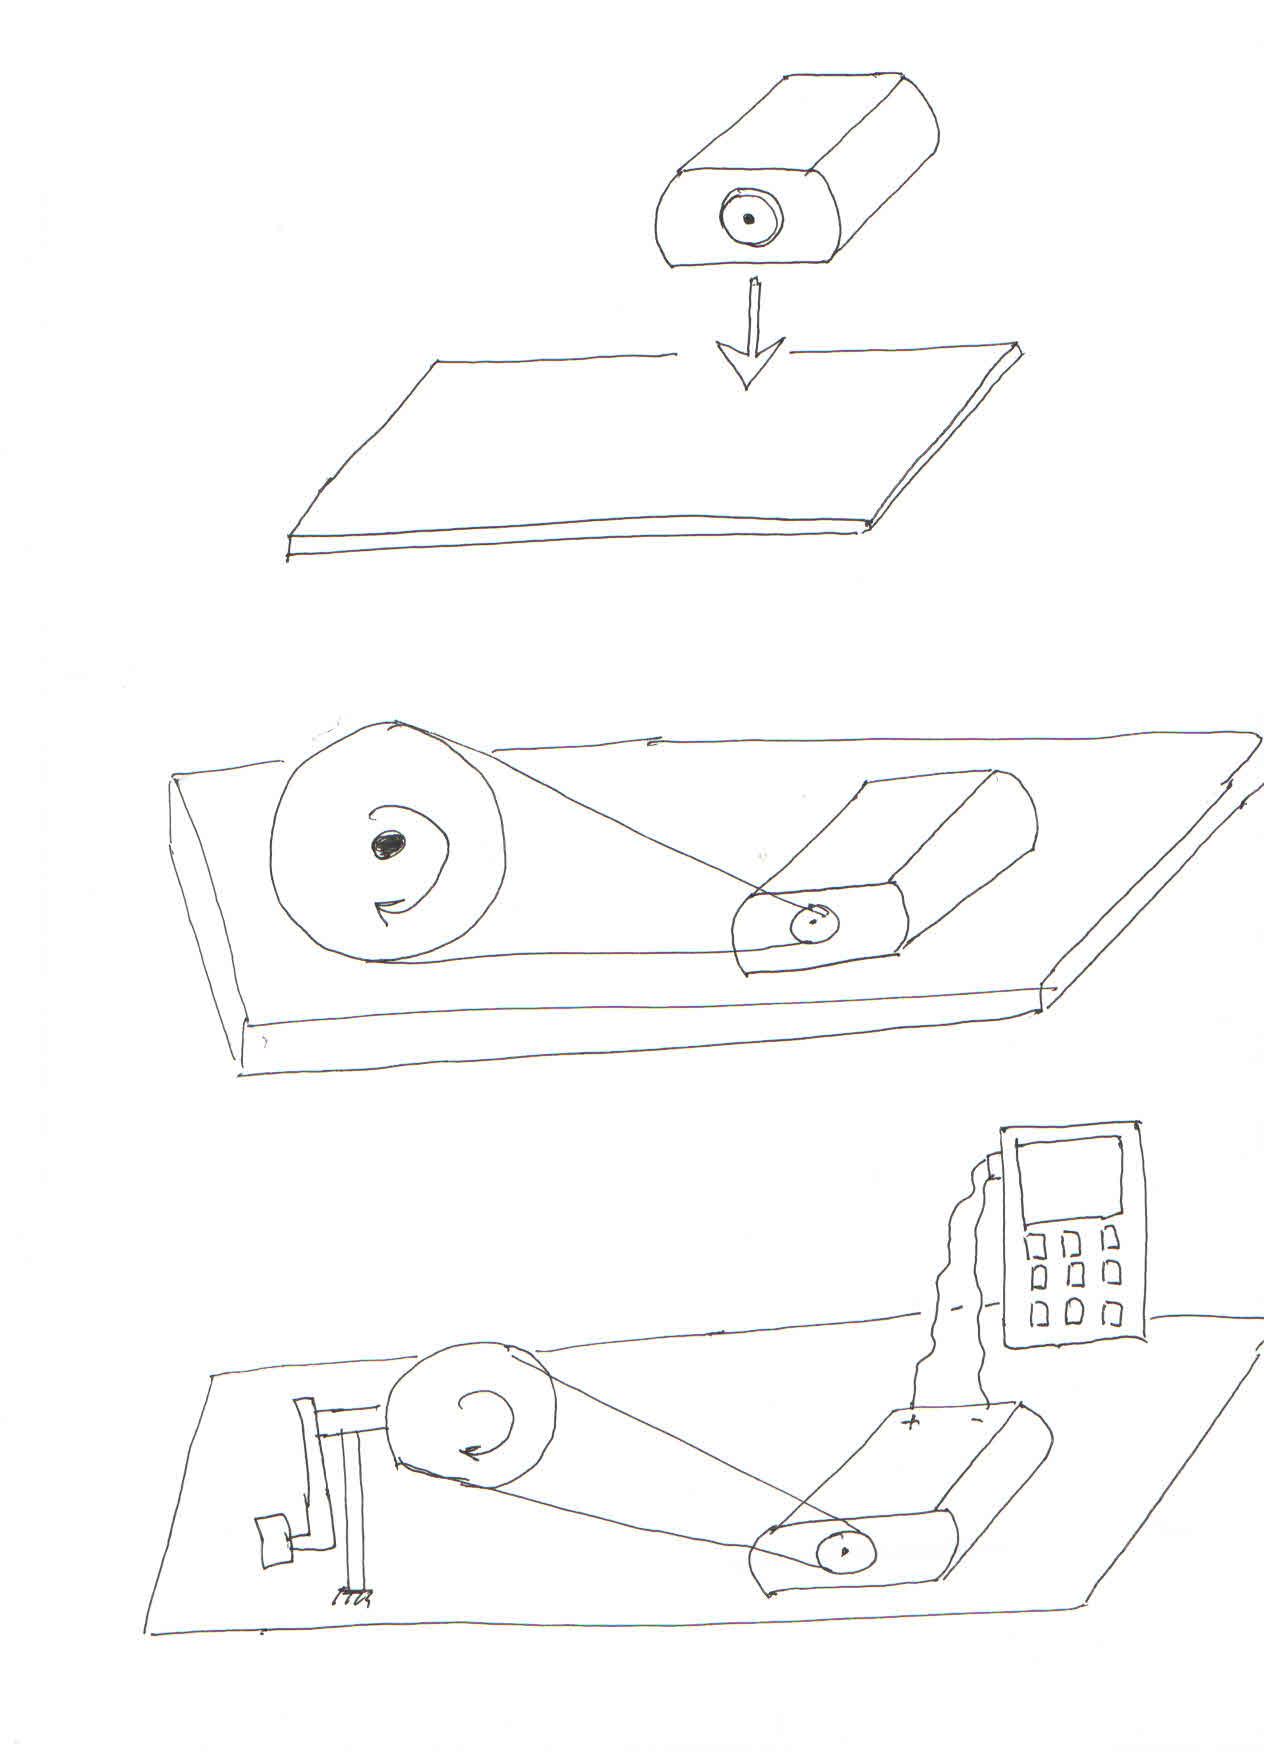 C:\Users\Home\Desktop\изобретения дома\Новая папка\нпр.jpg